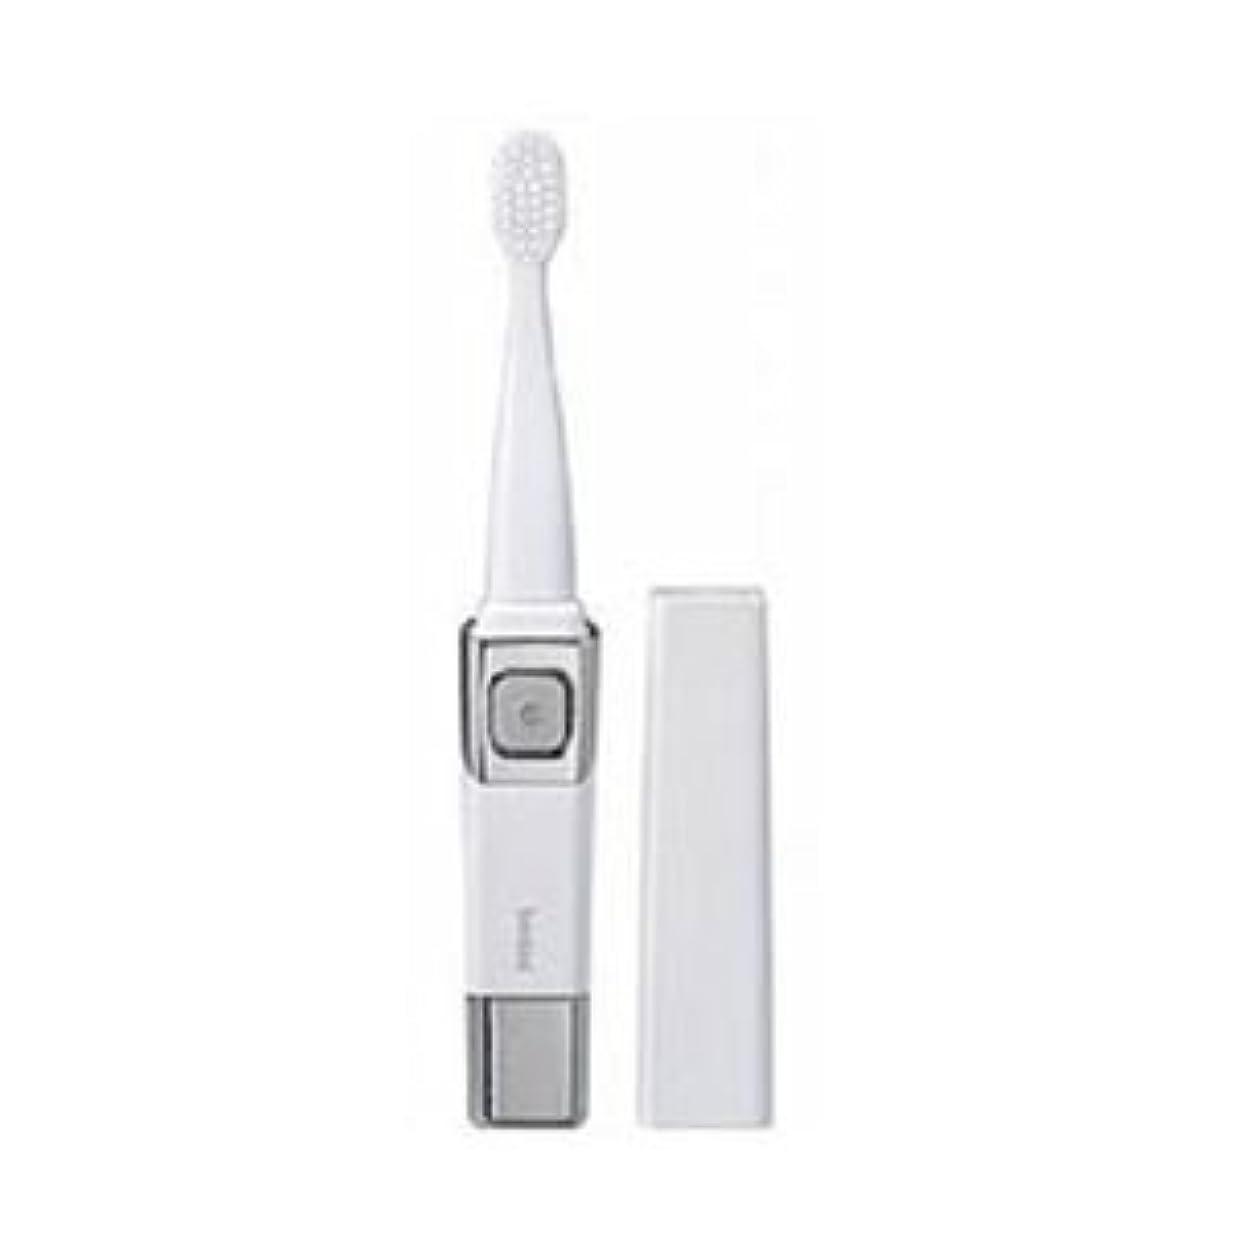 刺激する捧げる本質的に(まとめ)ツインバード 音波振動歯ブラシ パールホワイト BD-2755PW【×3セット】